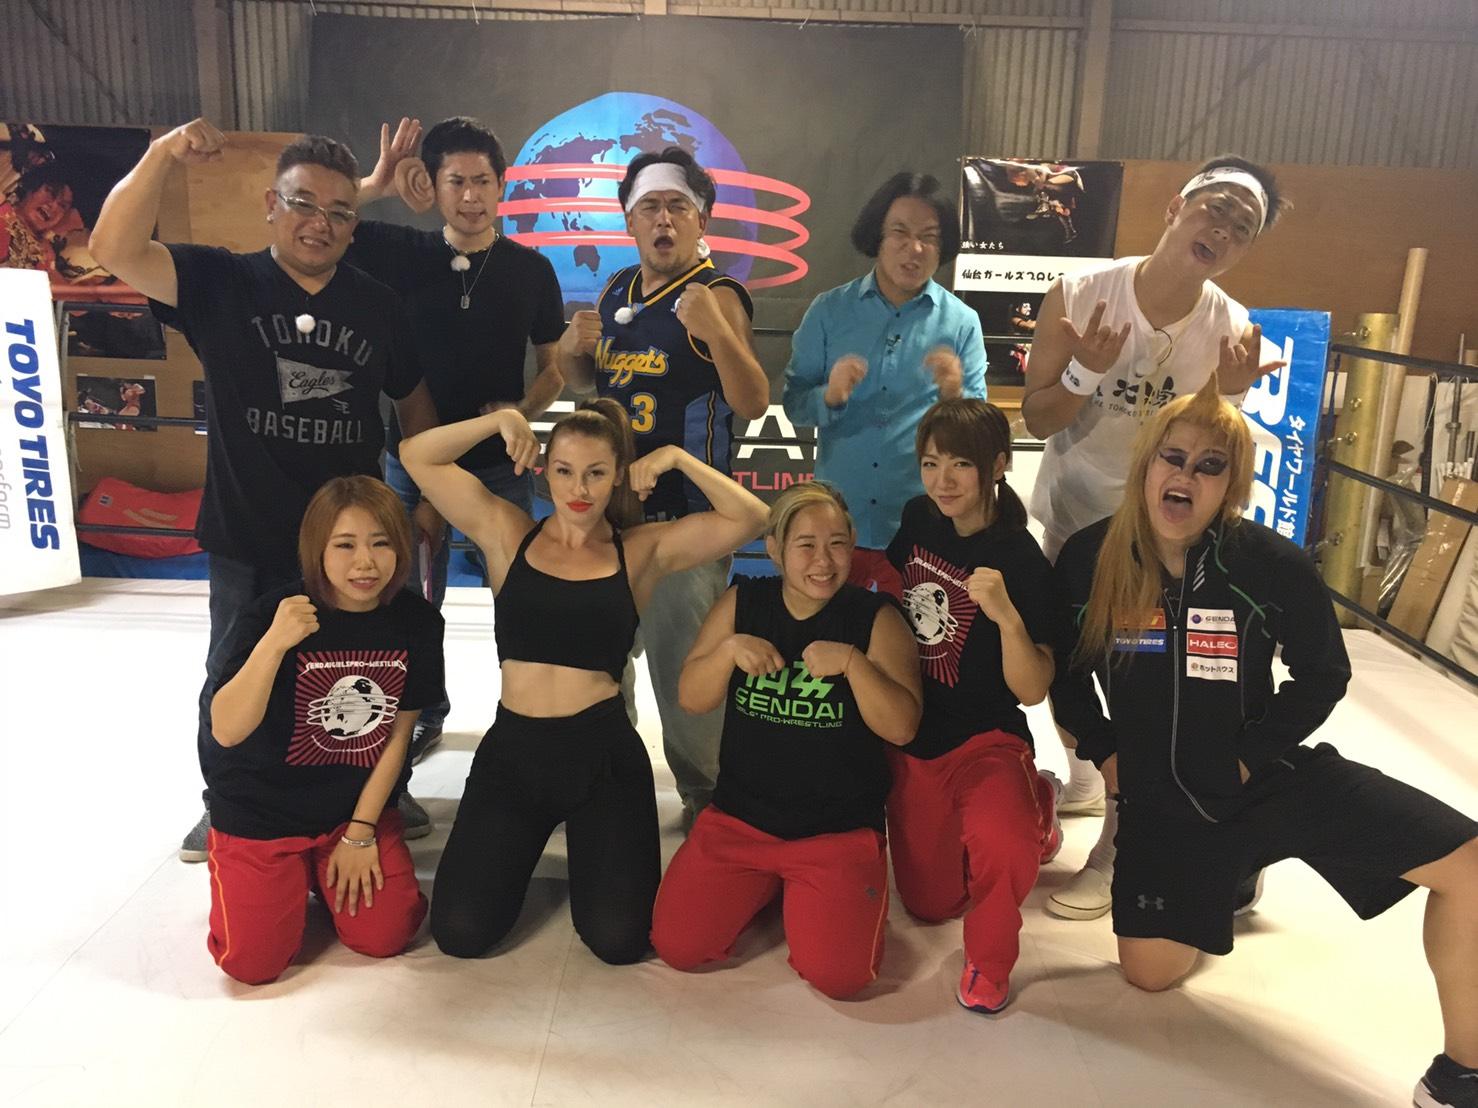 【センダイガールズプロレスリング】8月20日(日)23:30~24:00 BSフジ『東北魂TV #156』にセンダイガールズプロレスリングの選手が出演!